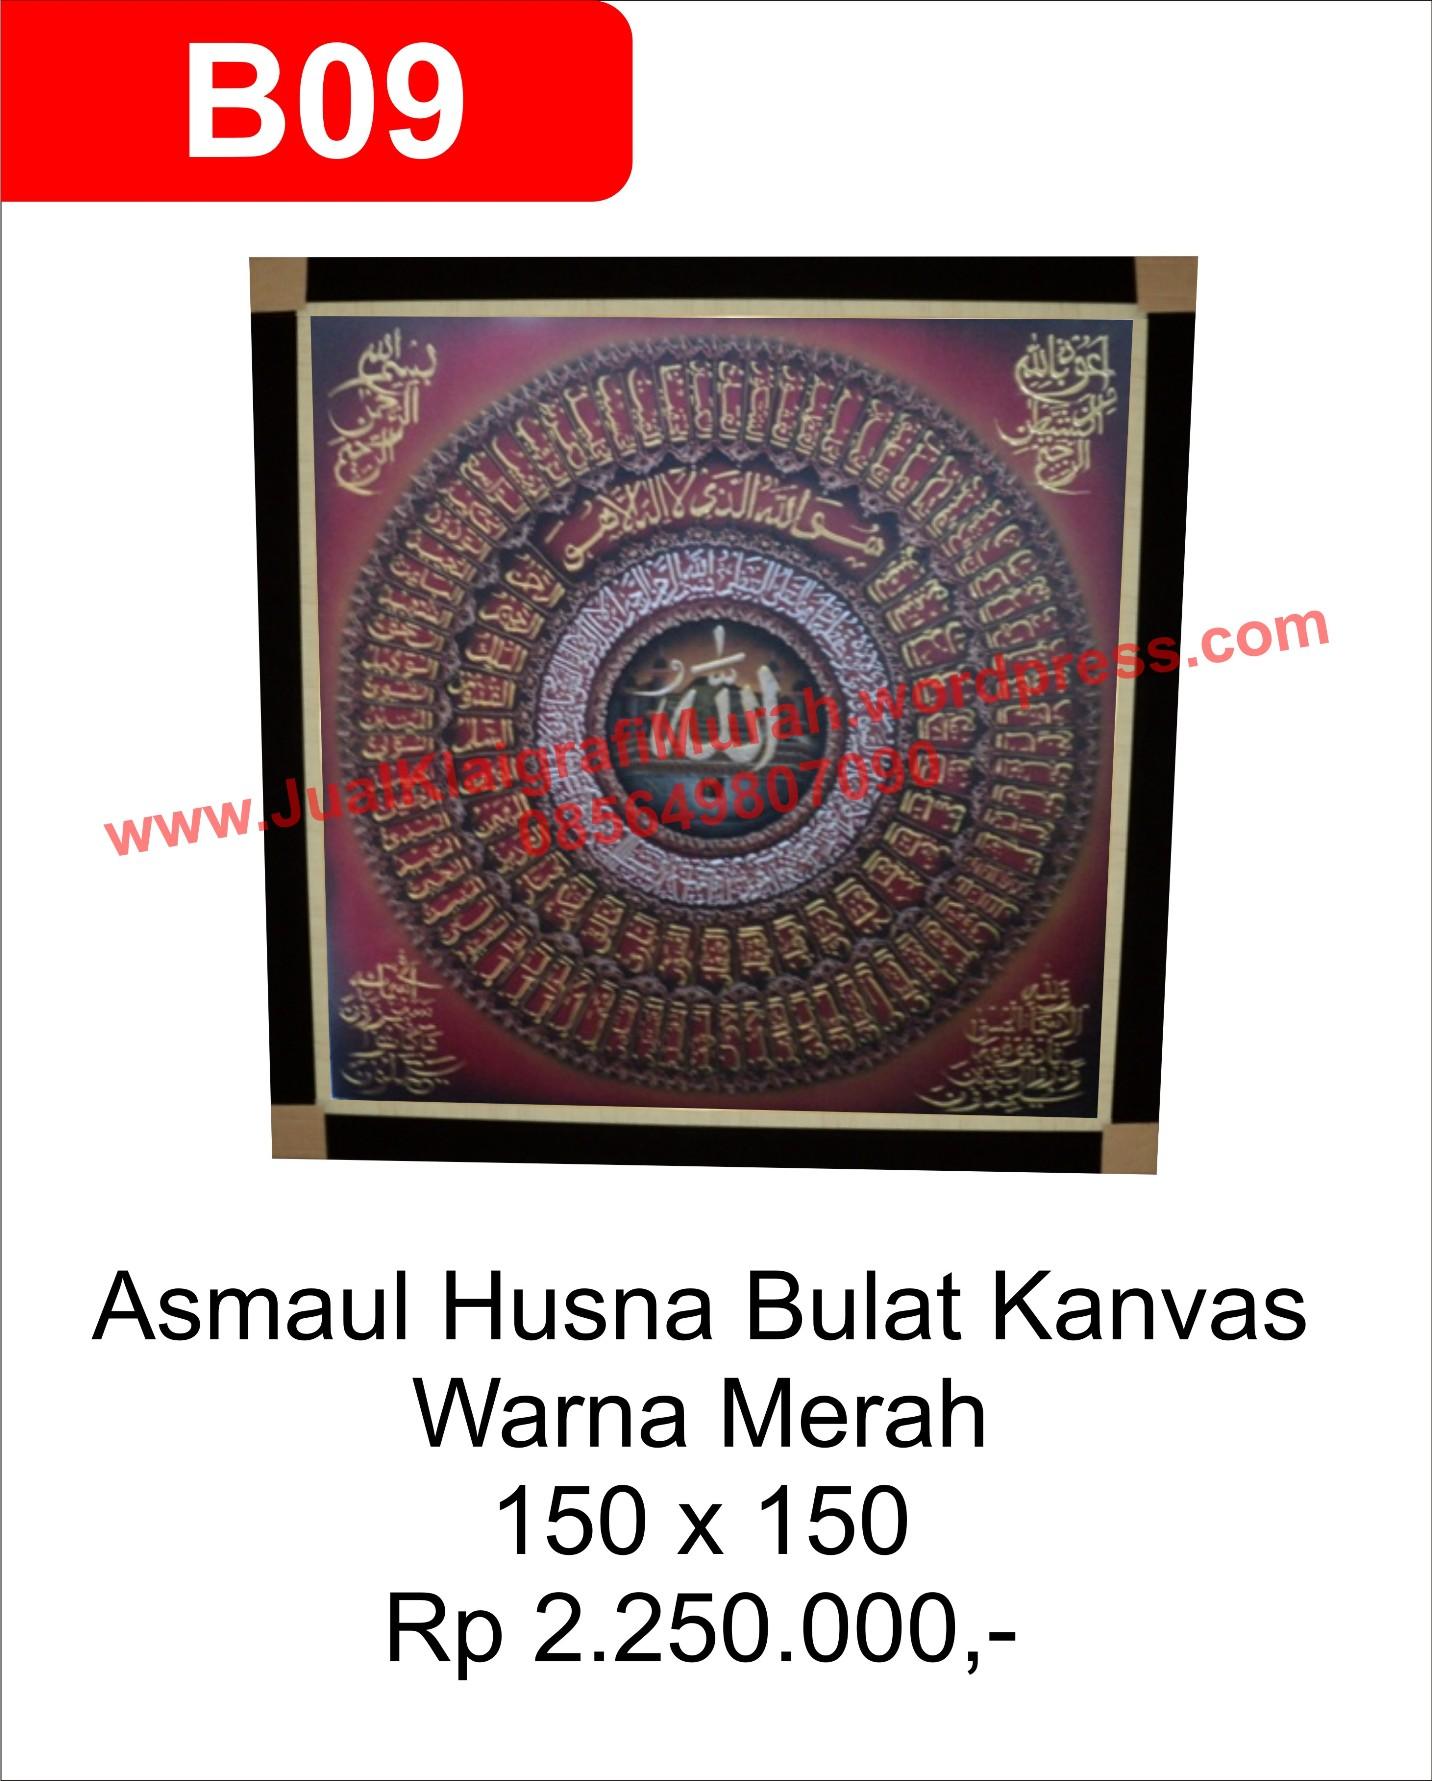 asmaul-husna-bulat-kanvas-warna-merah-graha-kaligrafi-e28093-kaligrafi ...